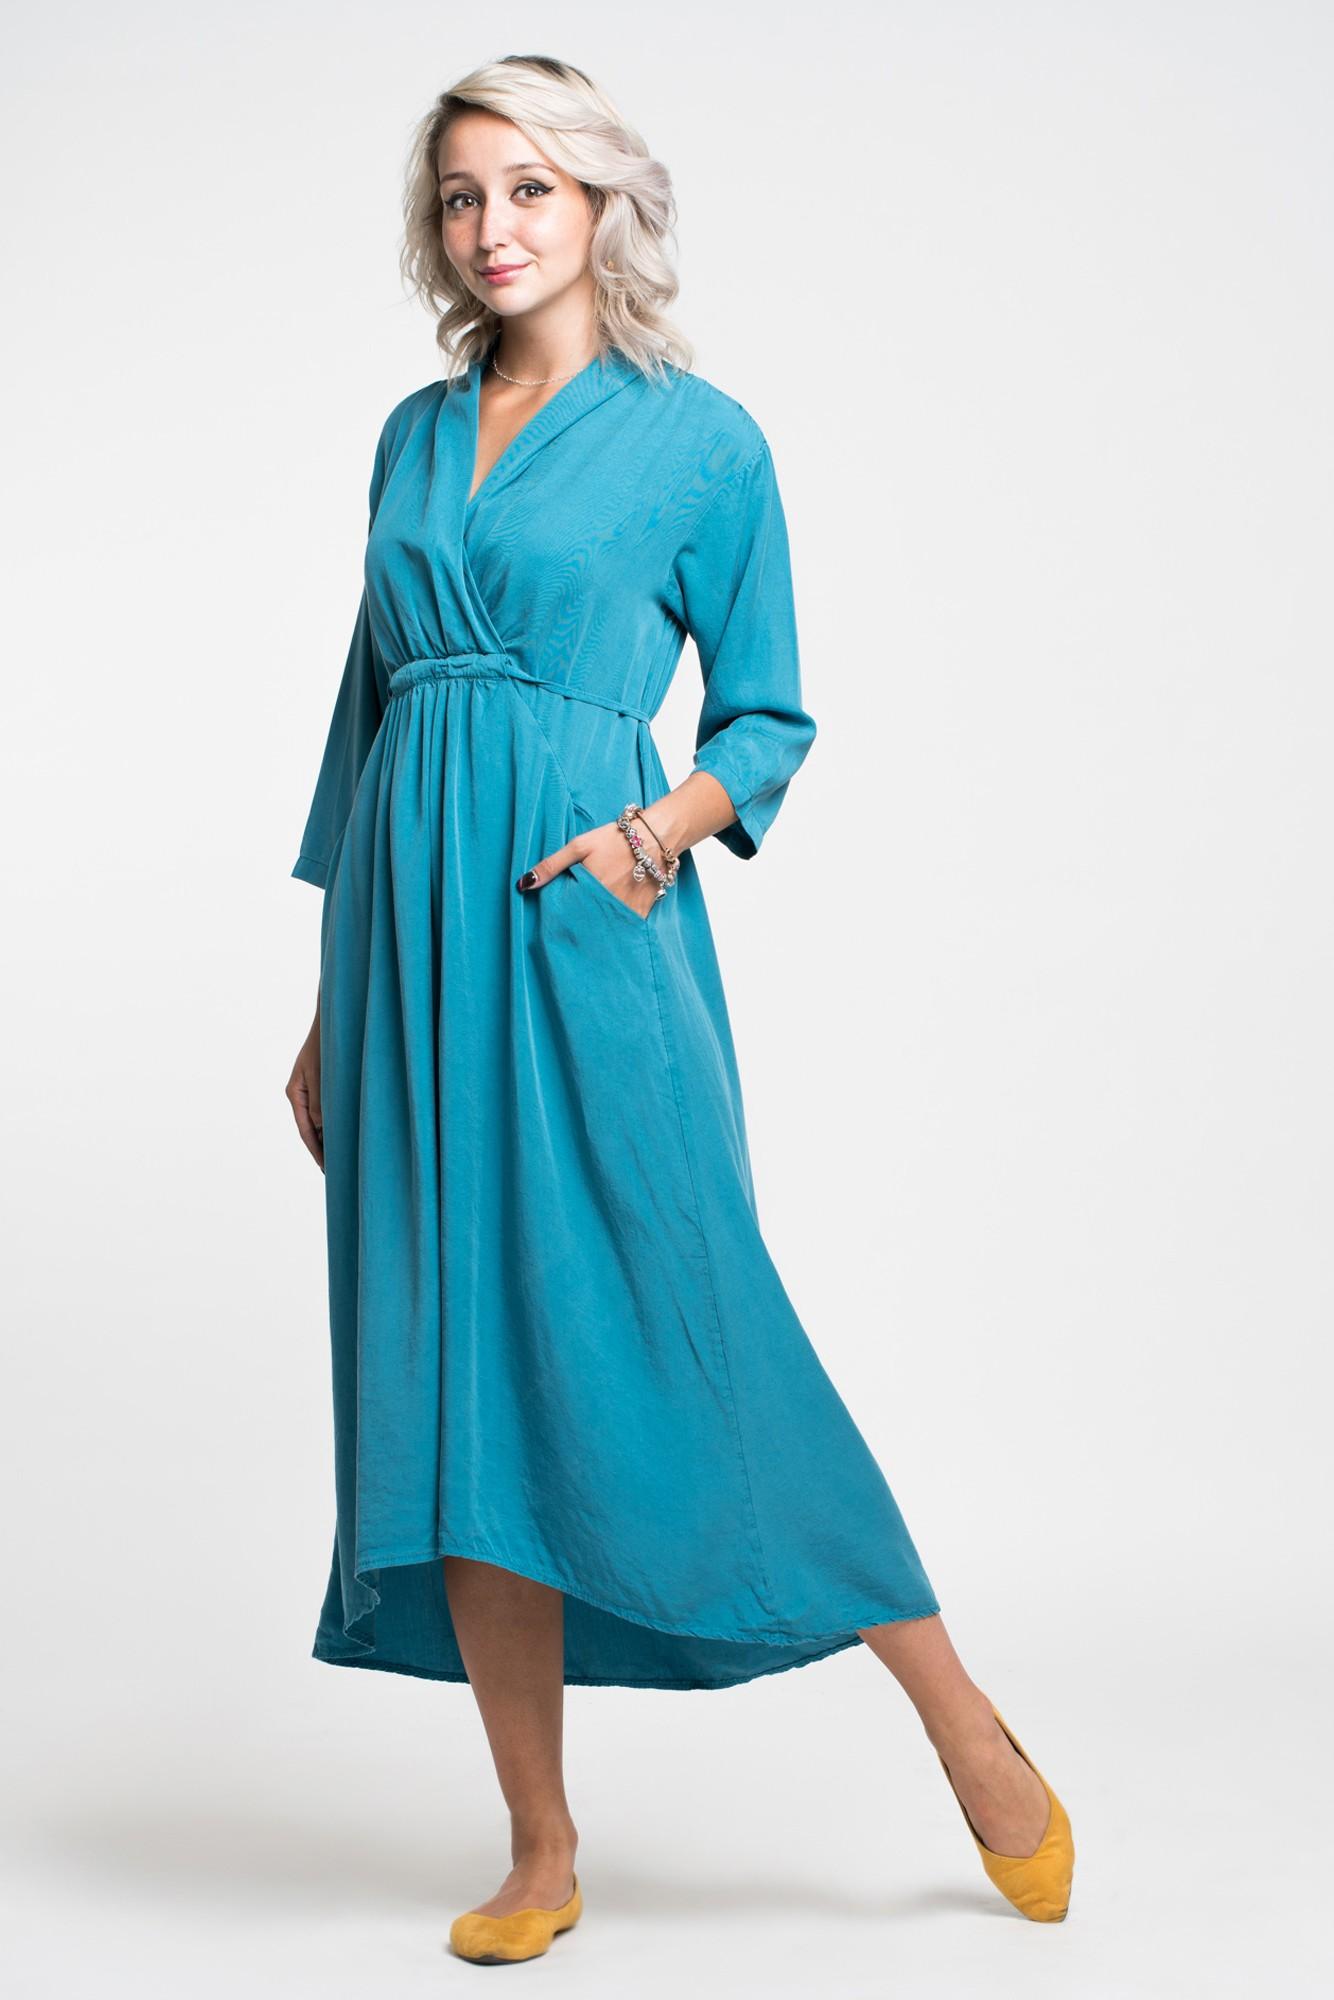 Rochie bleu midi cu snur reglabil in talie, guler si buzunare